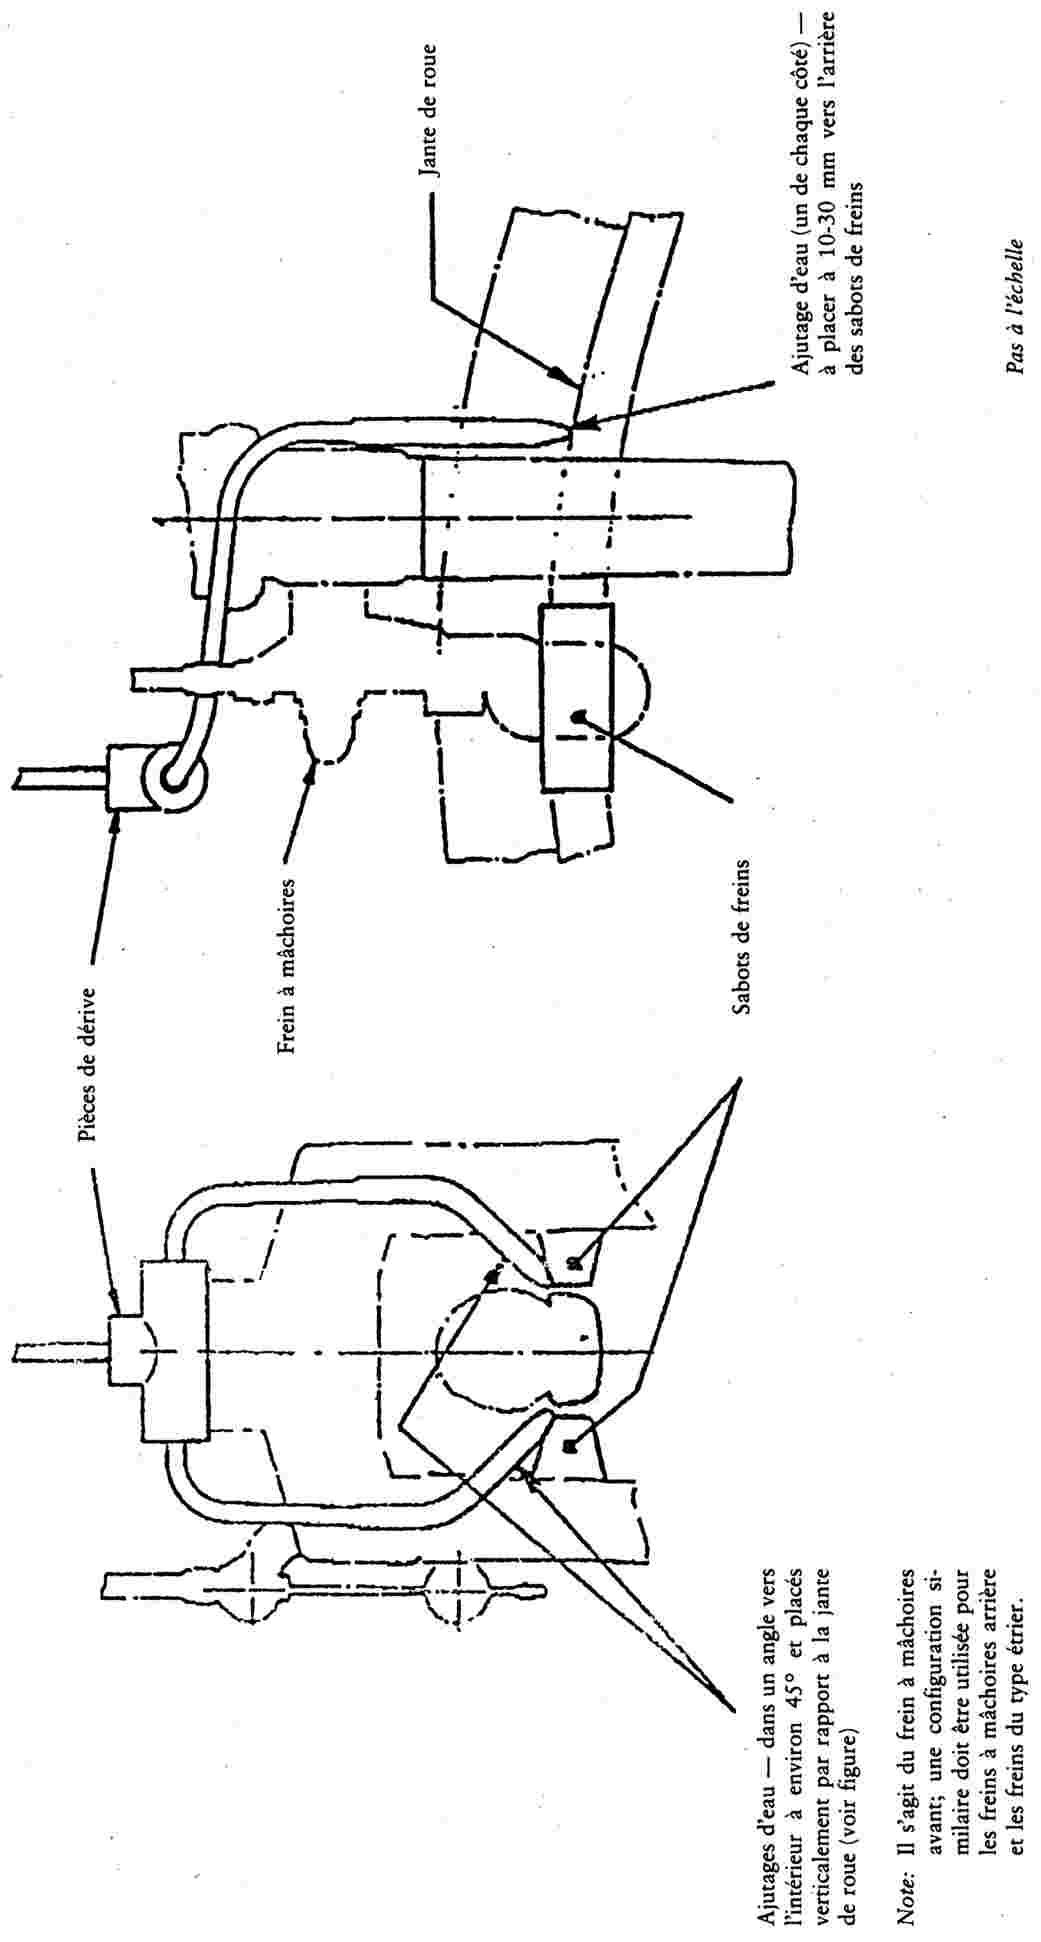 Eur Lex 31993l0014 En All Info About Auto Repair Disc Brake Mechanical Force Diagram